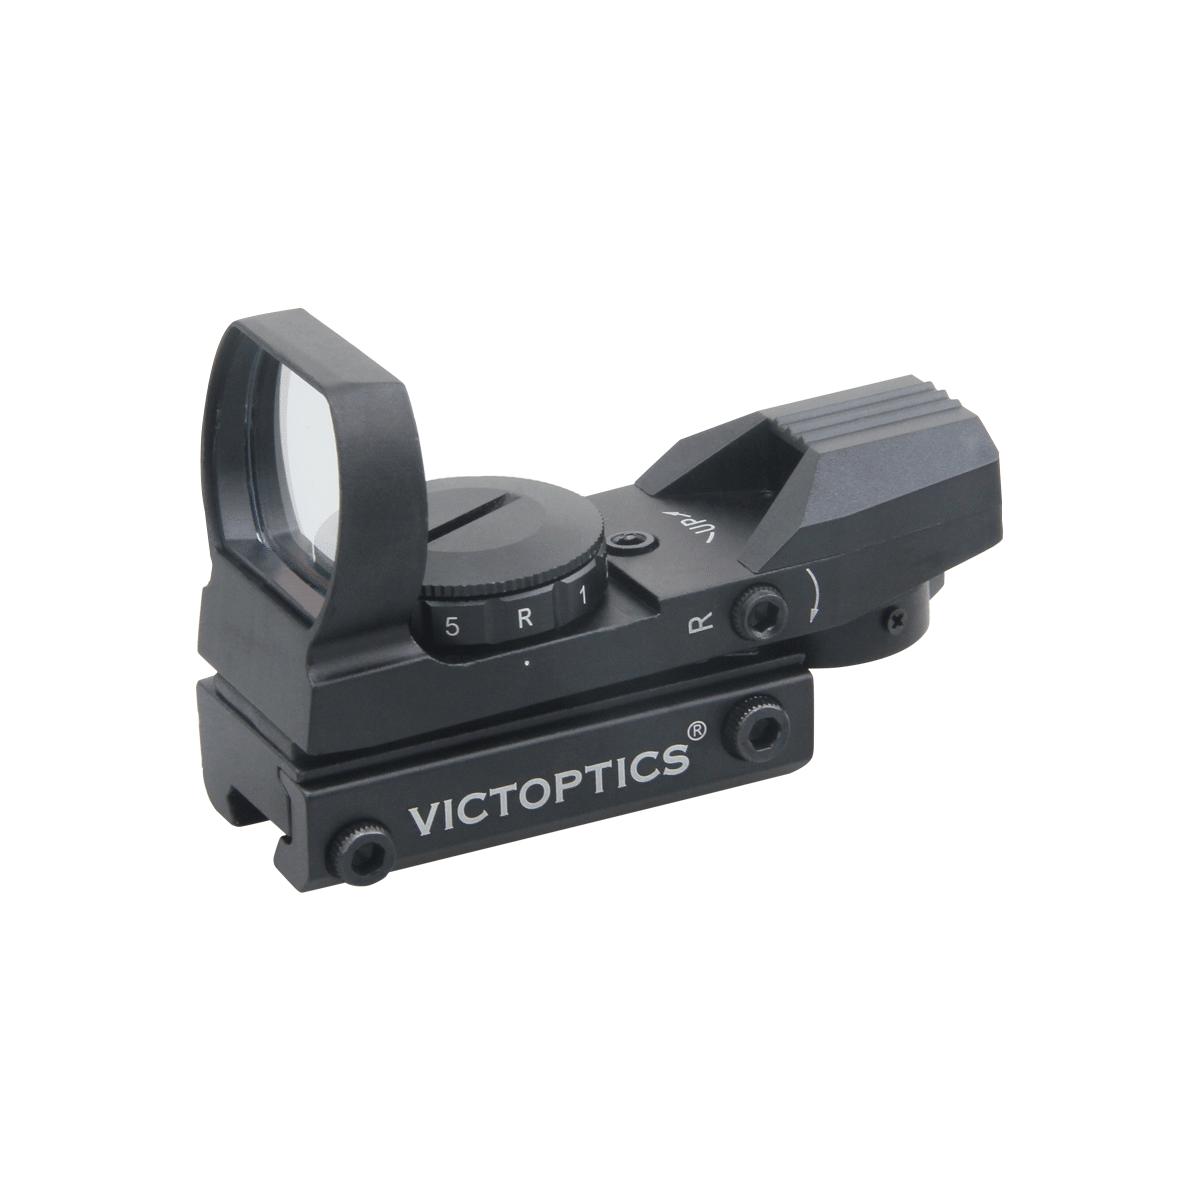 VictOptics Z1 1x23x34 Multi Reticle Red Dot Sight Dovetail